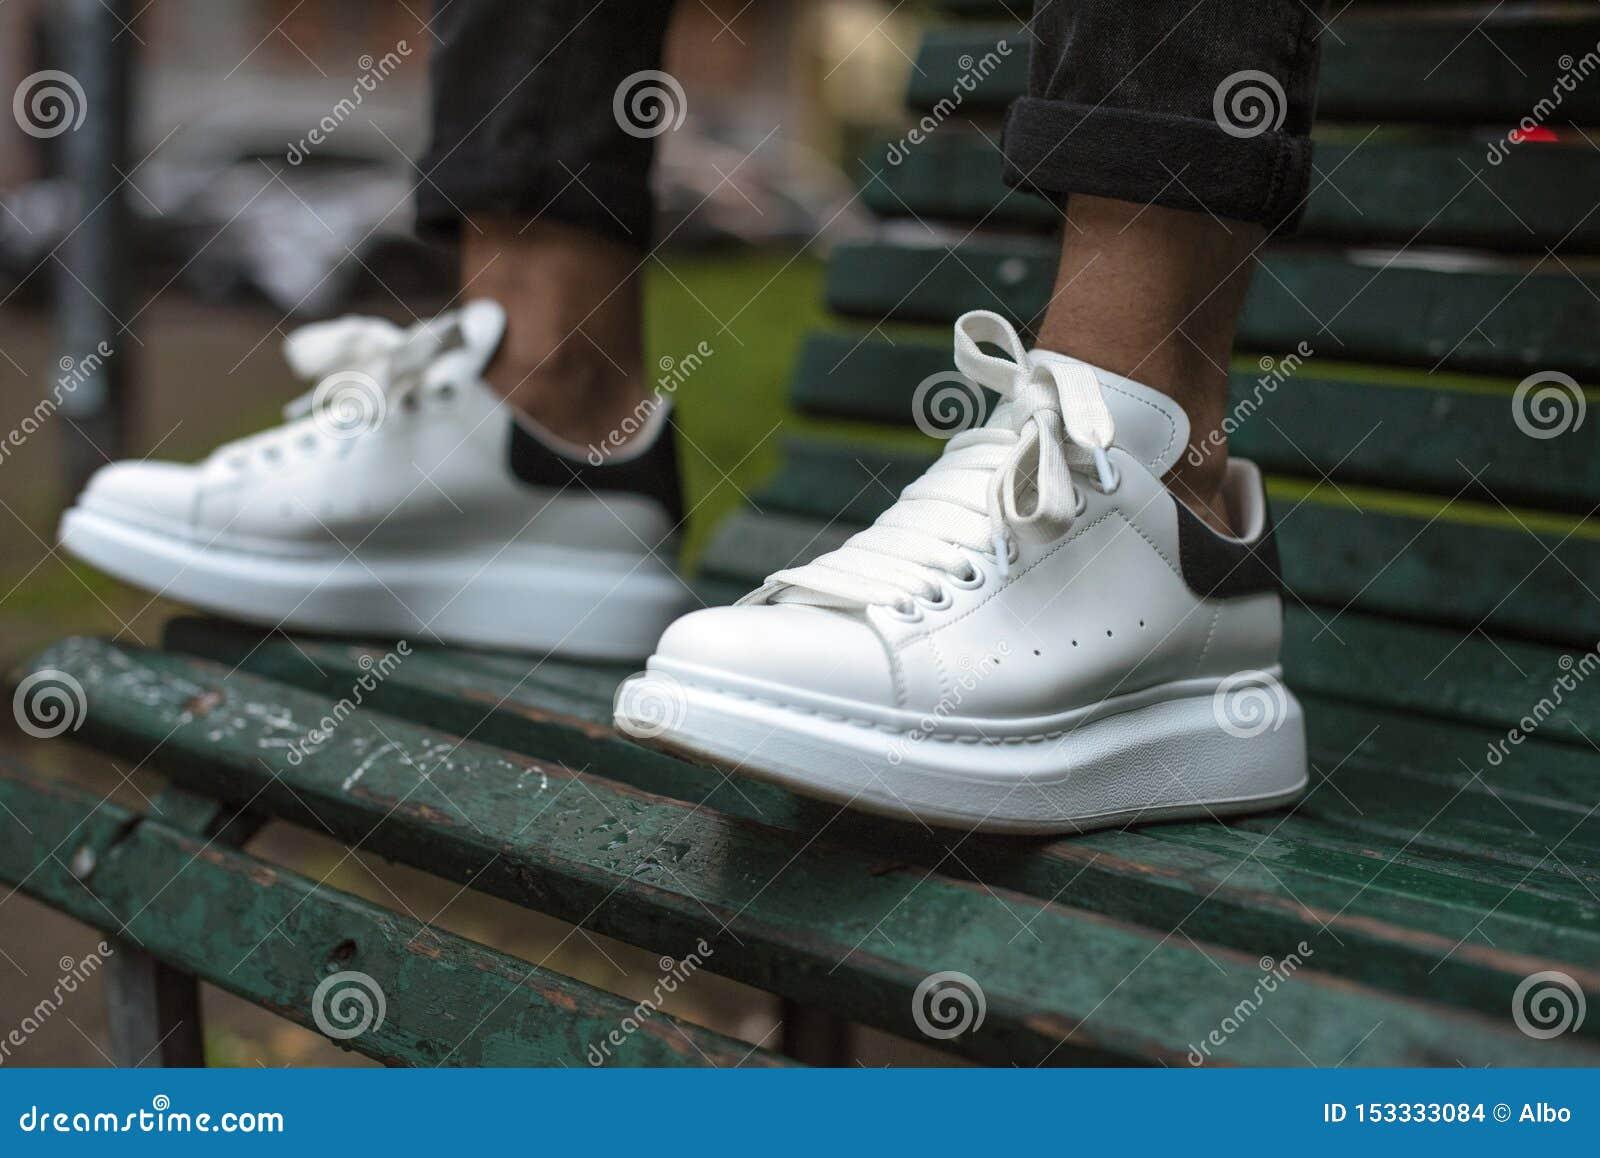 Alexander McQueen sneakers editorial